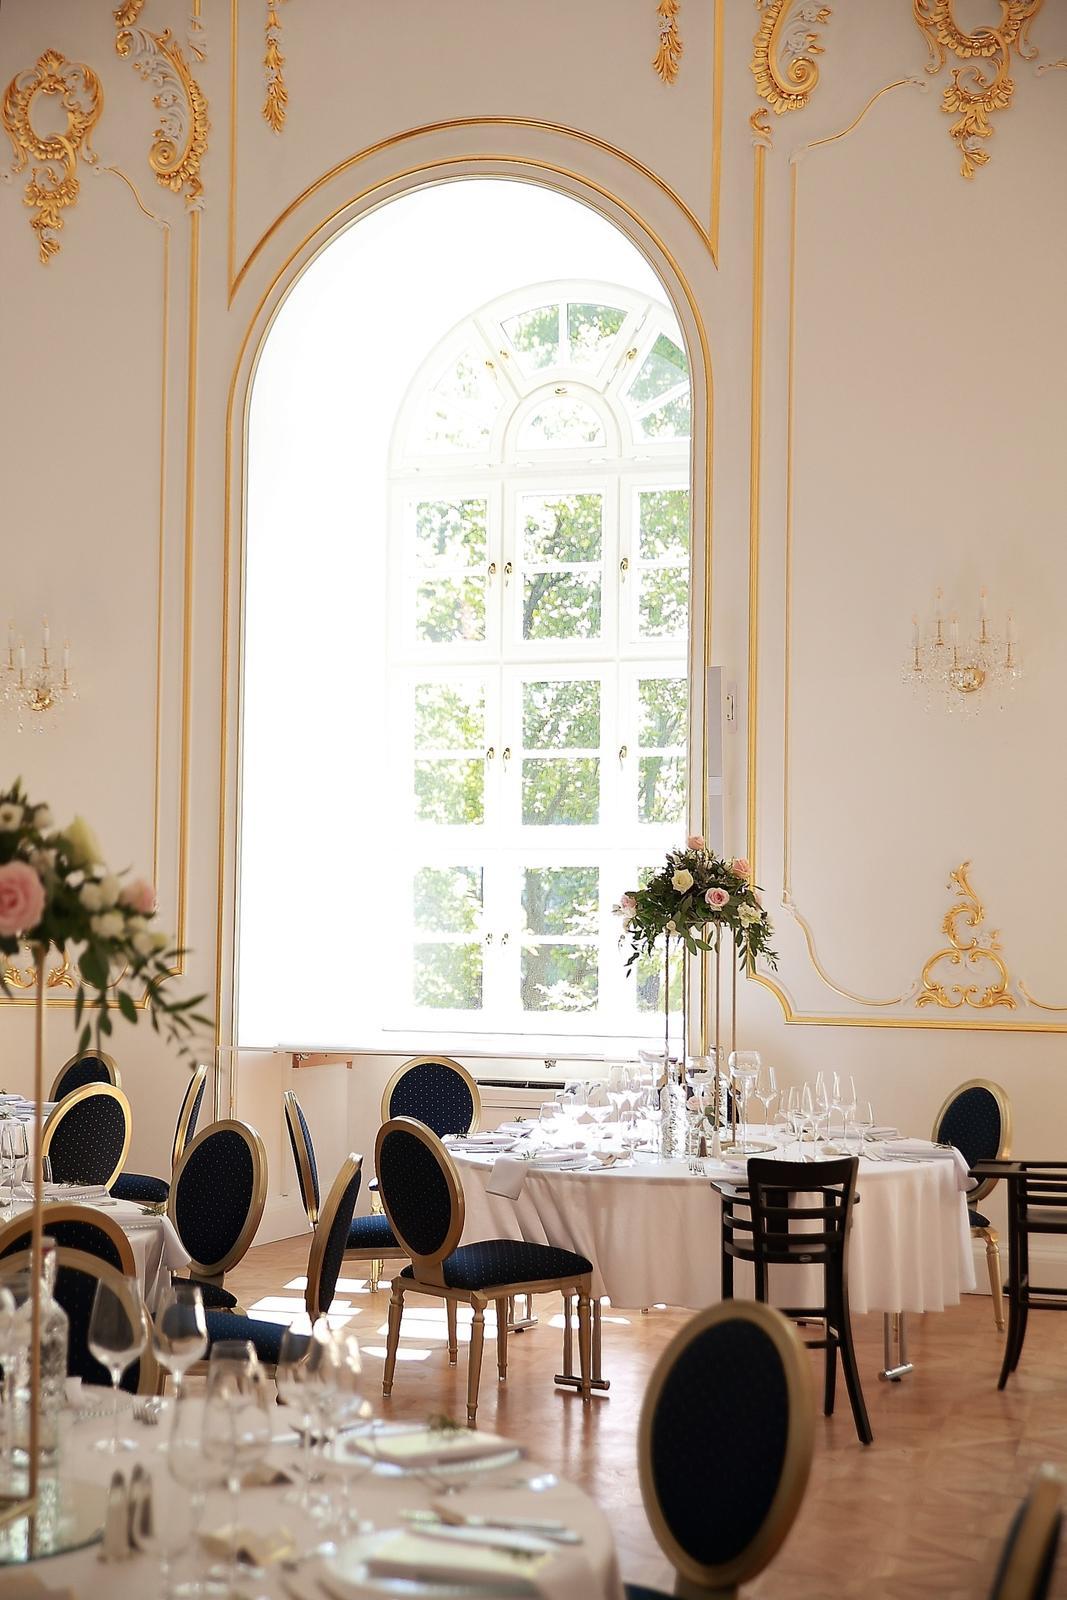 Svadobné dekorácie - požičovňa svadobných dekor. - Obrázok č. 9